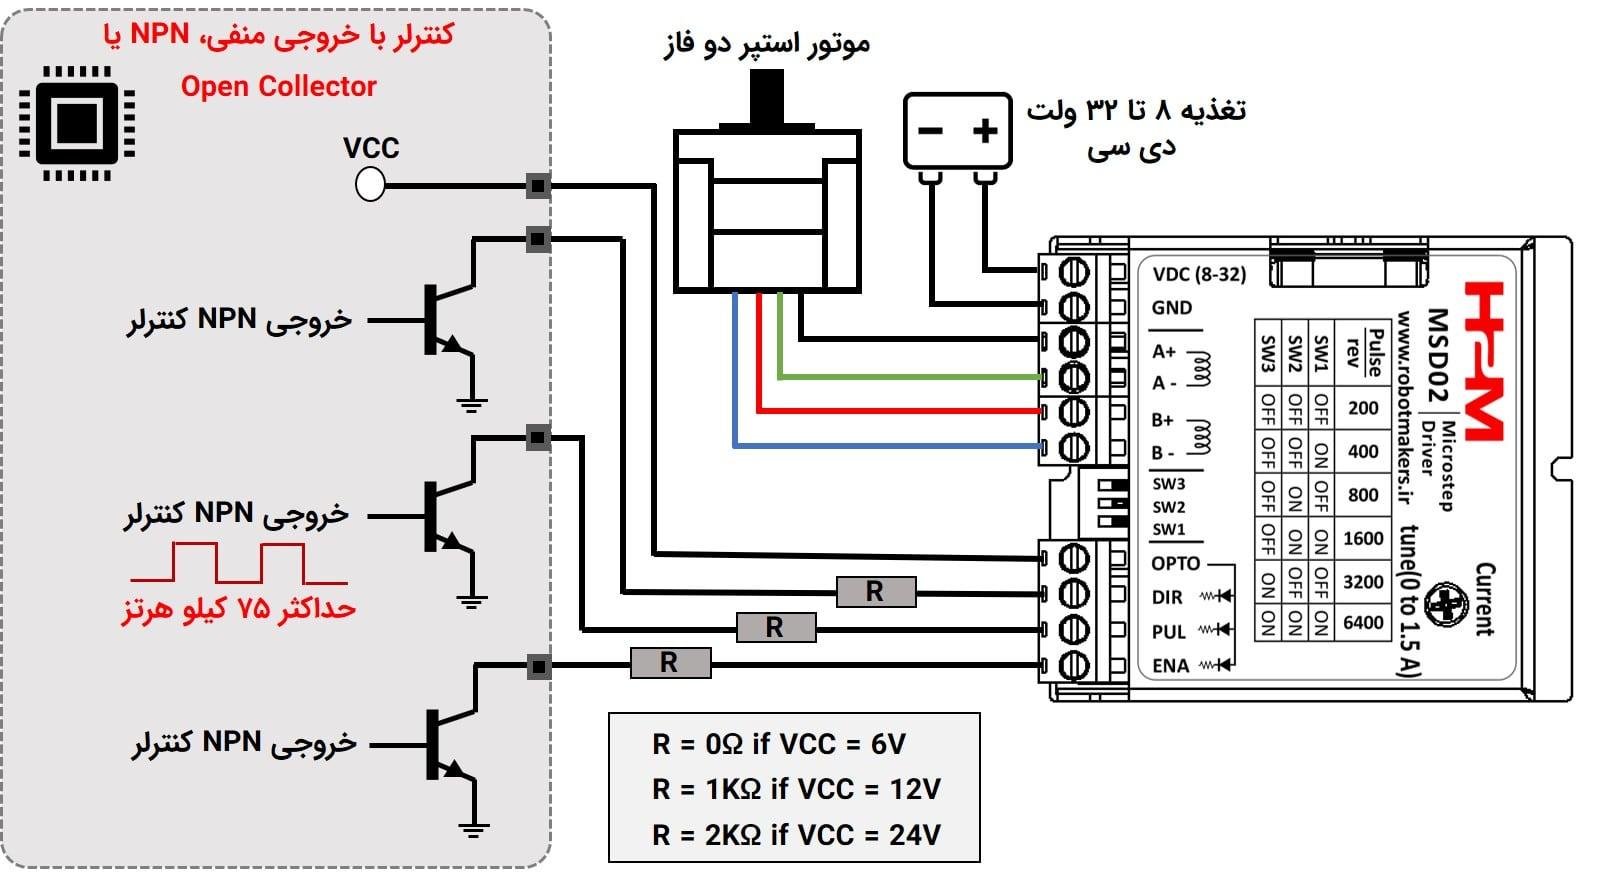 شکل ۵: راه اندازی درایور با کنترلر با خروجی منفی، NPN یا Open Collector